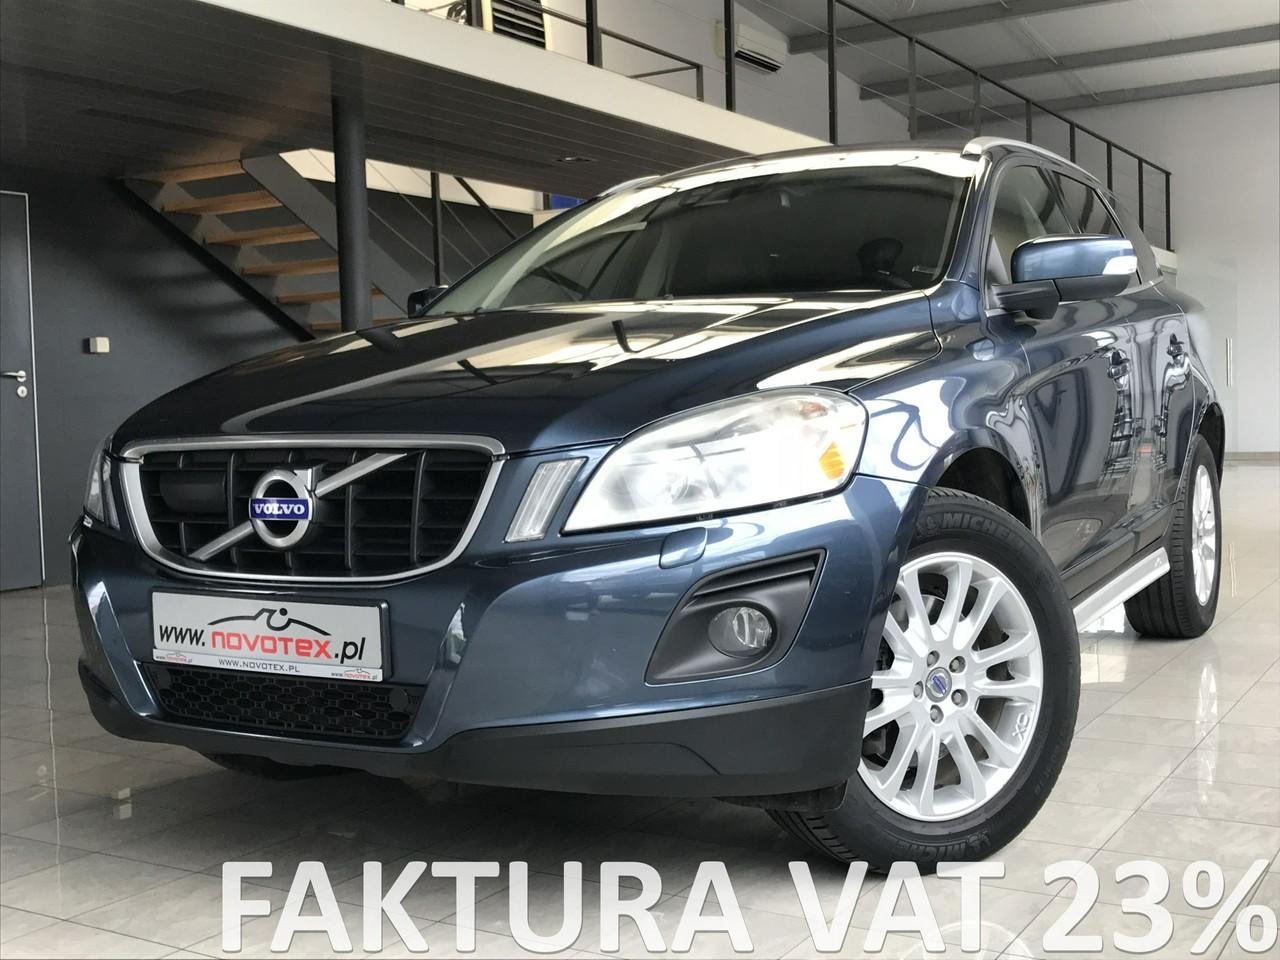 Volvo XC 60 D5*AWD*Summum*automat*205KM*BLIS*ACC*xenon*serwis ASO Volvo*gwarancja